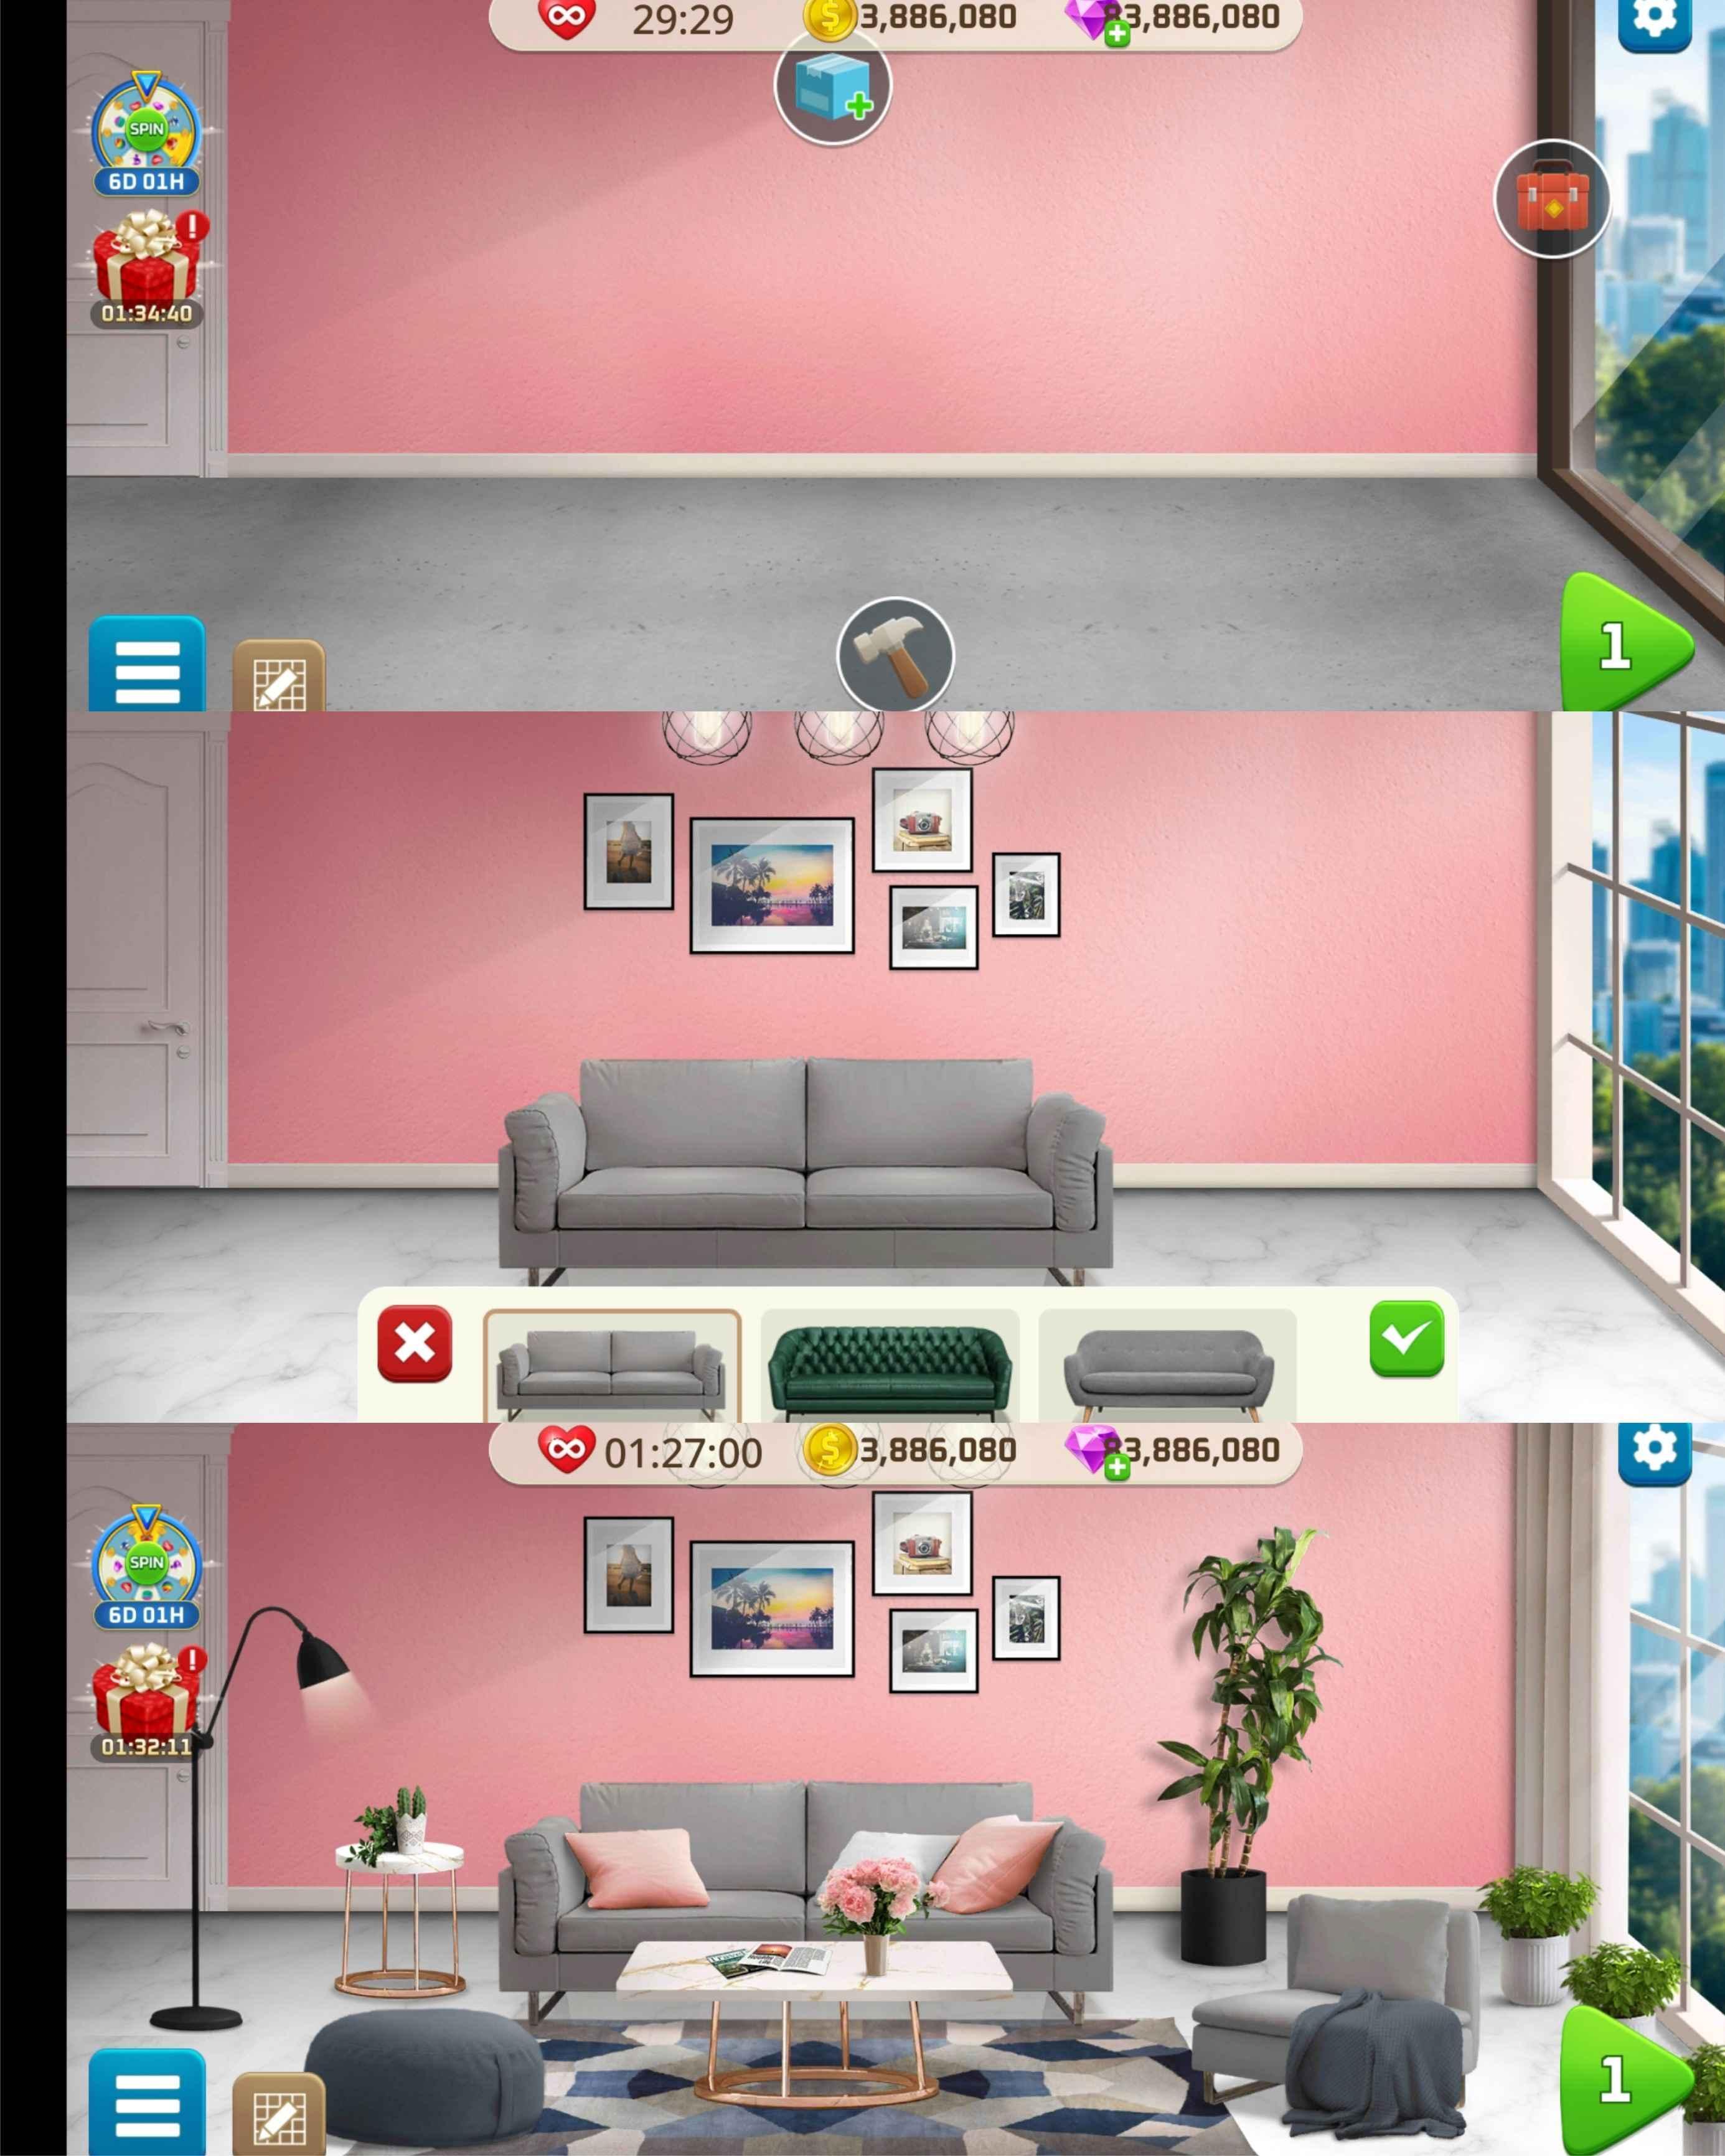 我的家居设计:现代城市优化版截图1